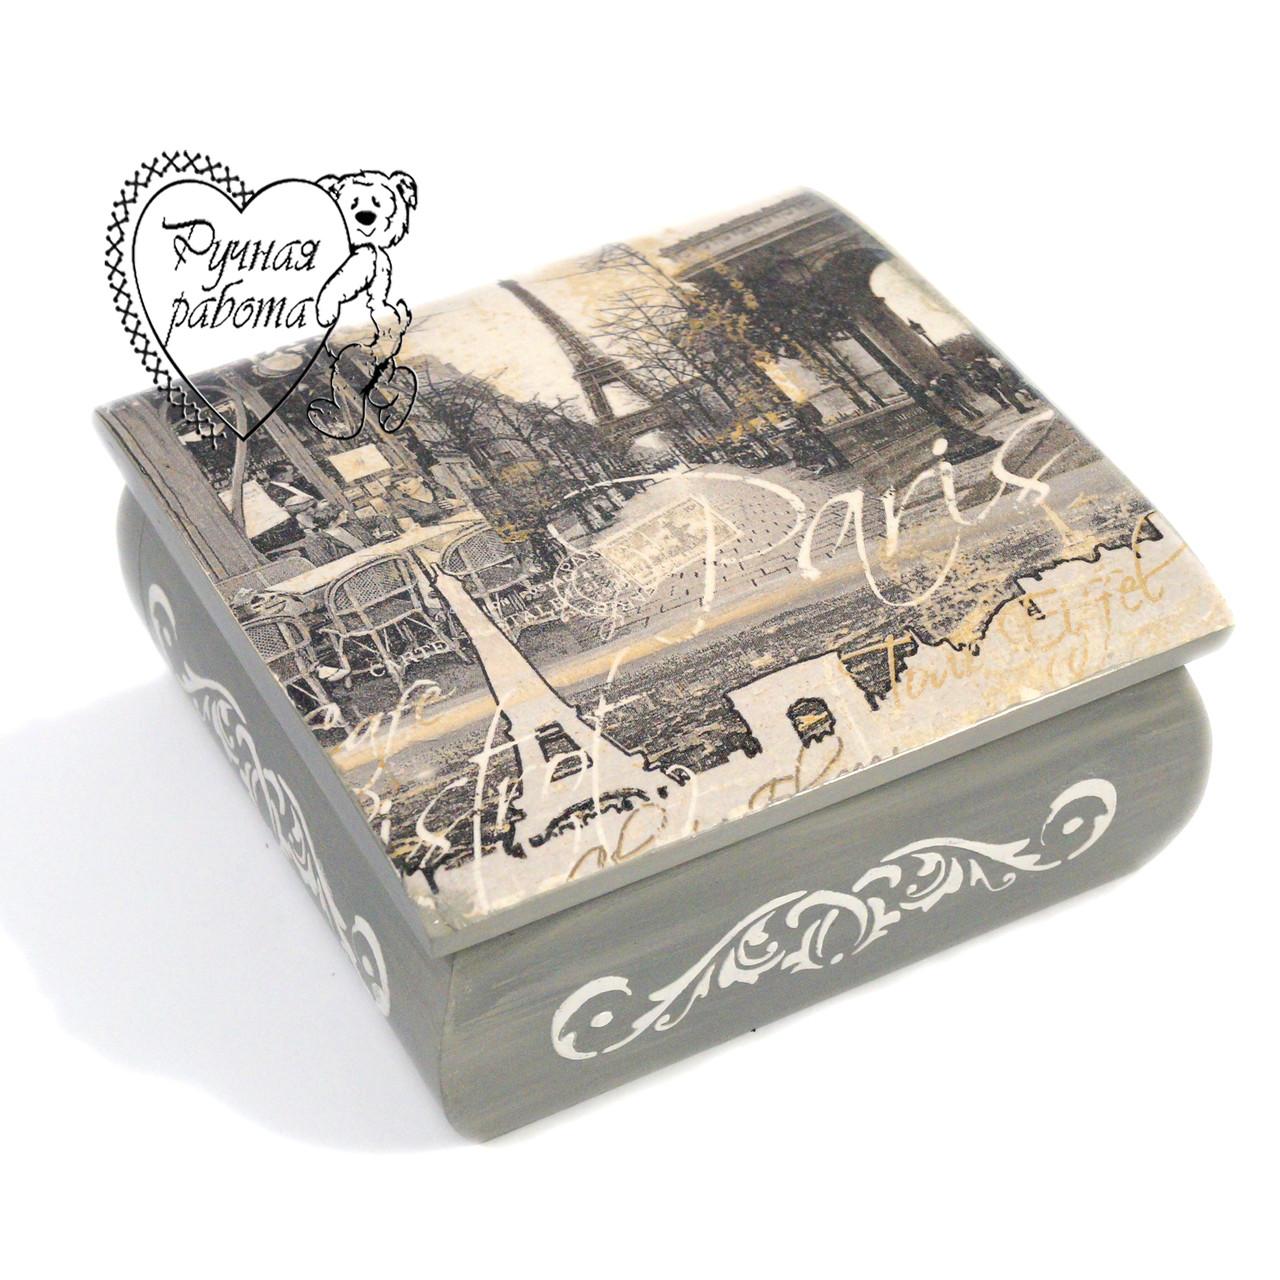 Шкатулка с Париж романтический 15* 15* 6,5 см